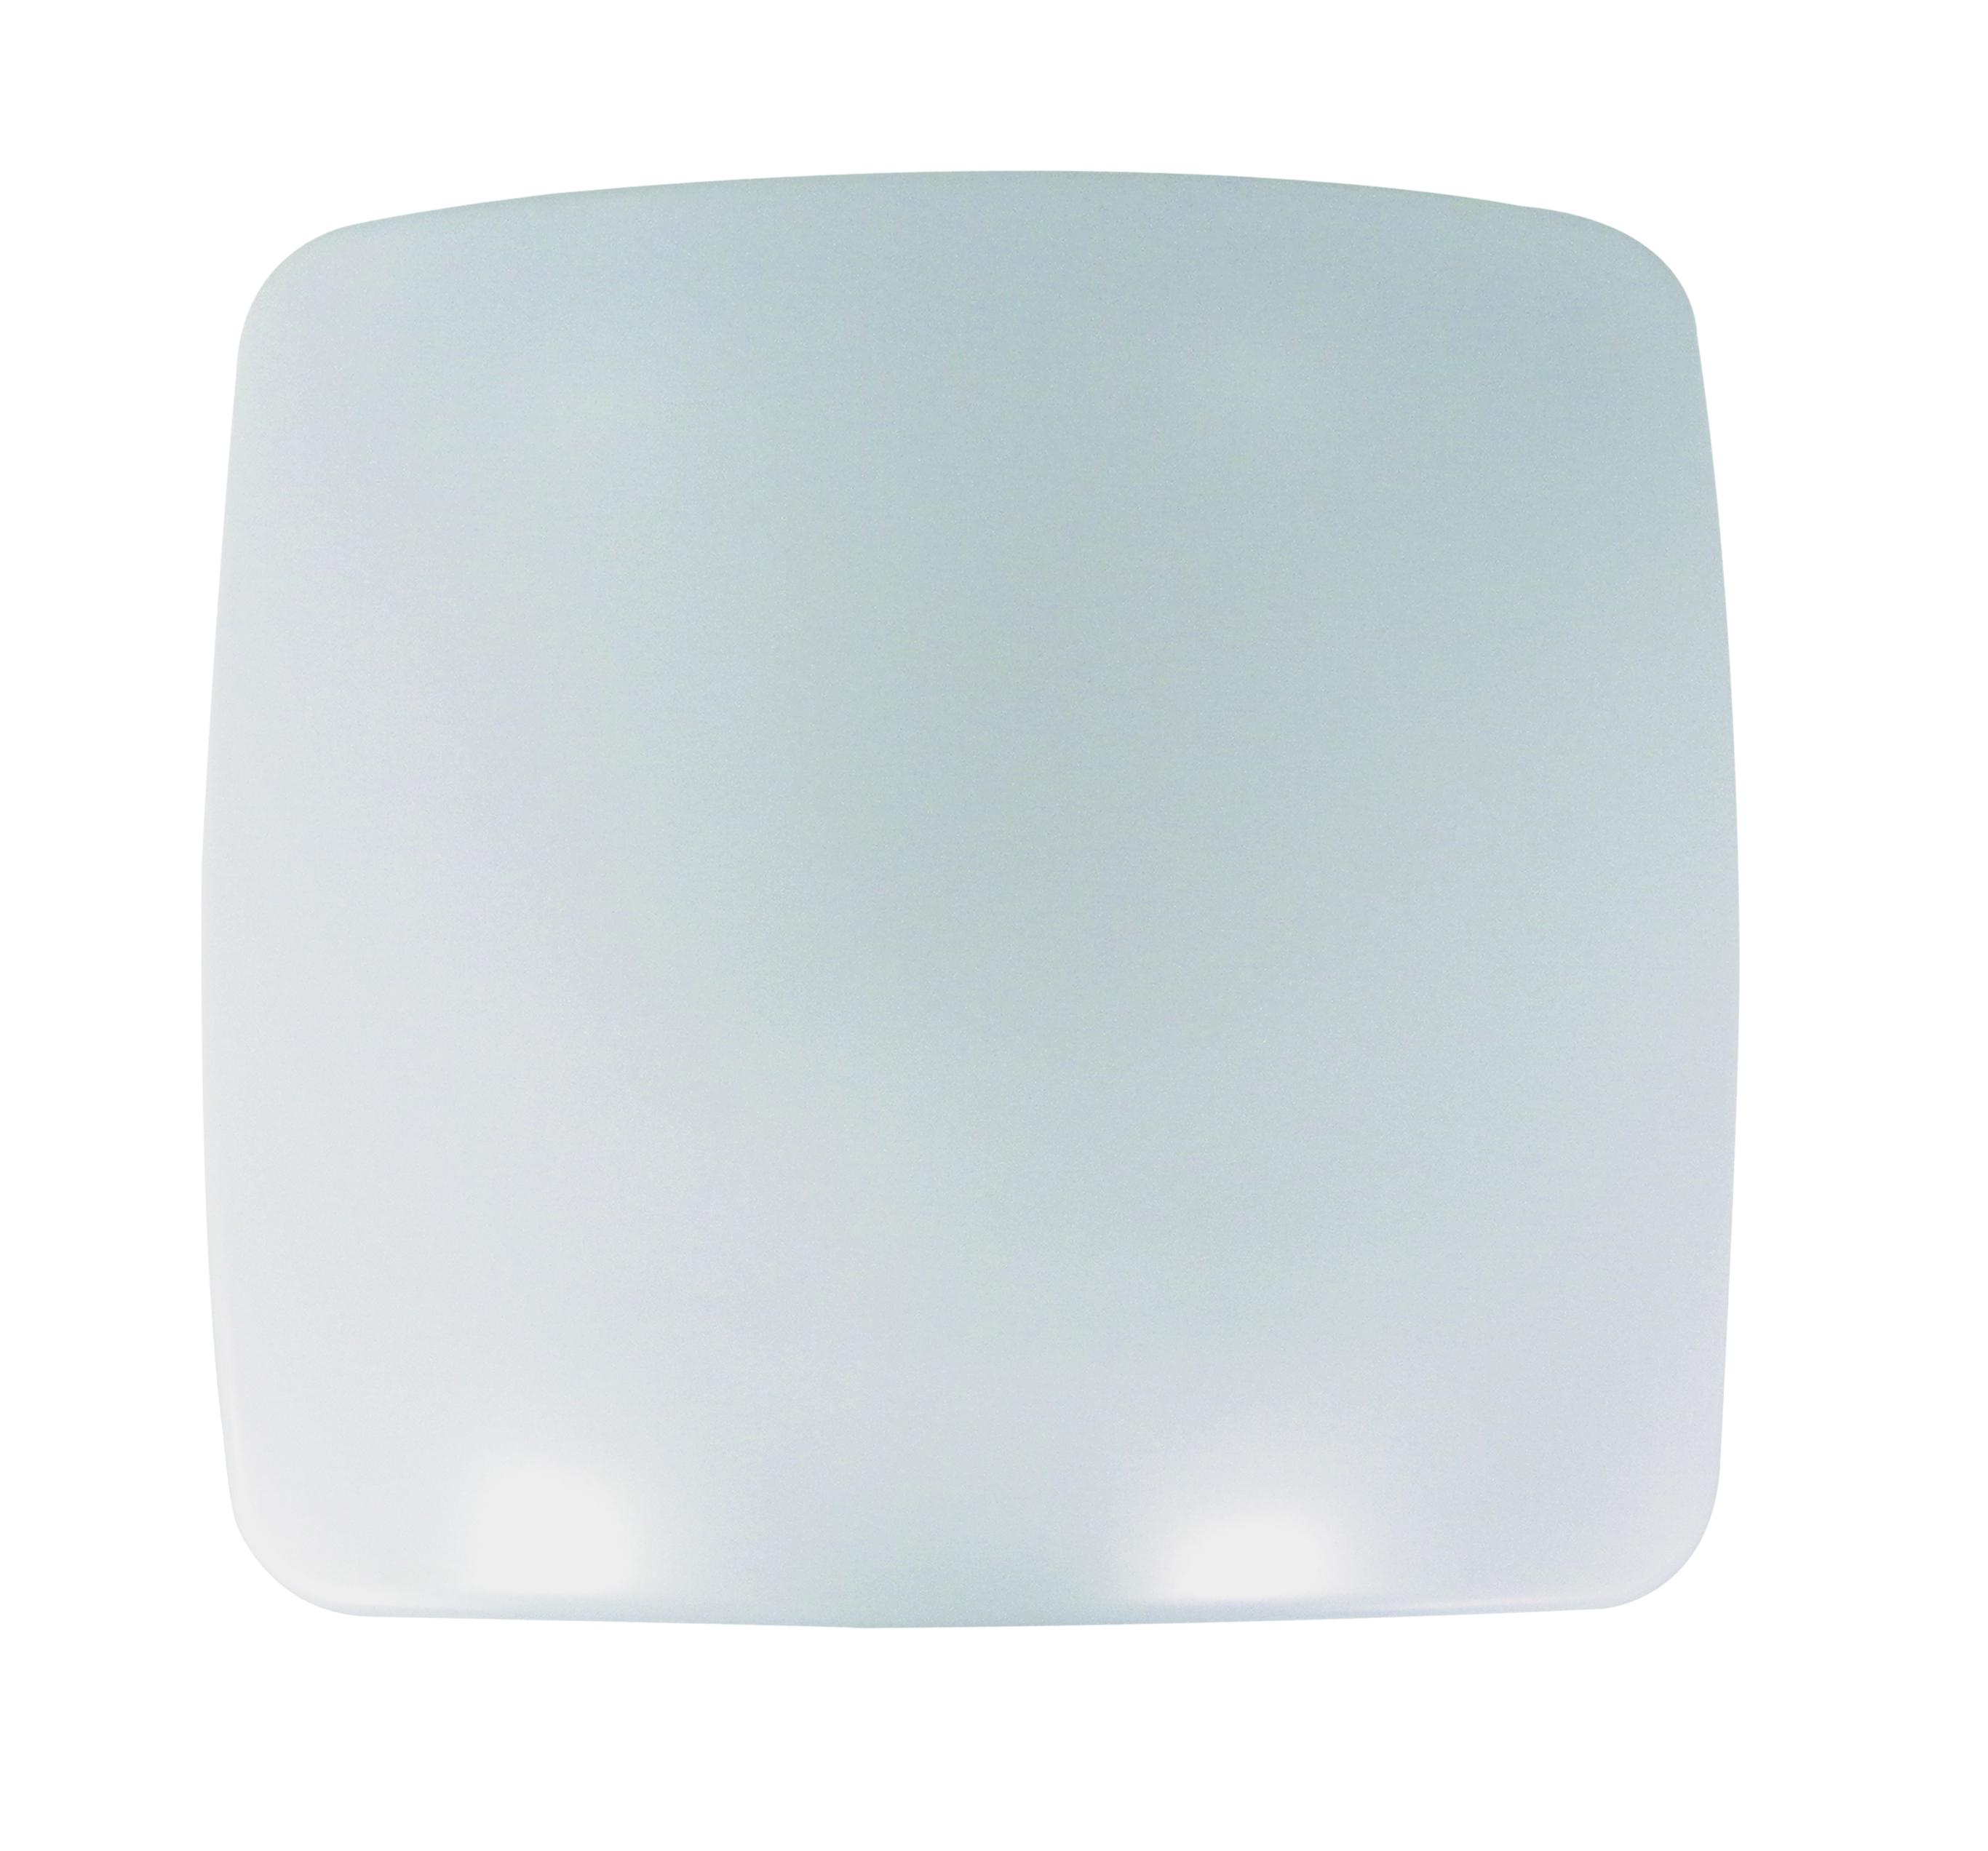 Plafon Smart LED em Acrilico 34x34cm 20W 6.400K (Luz Branca) 127V Quadrado